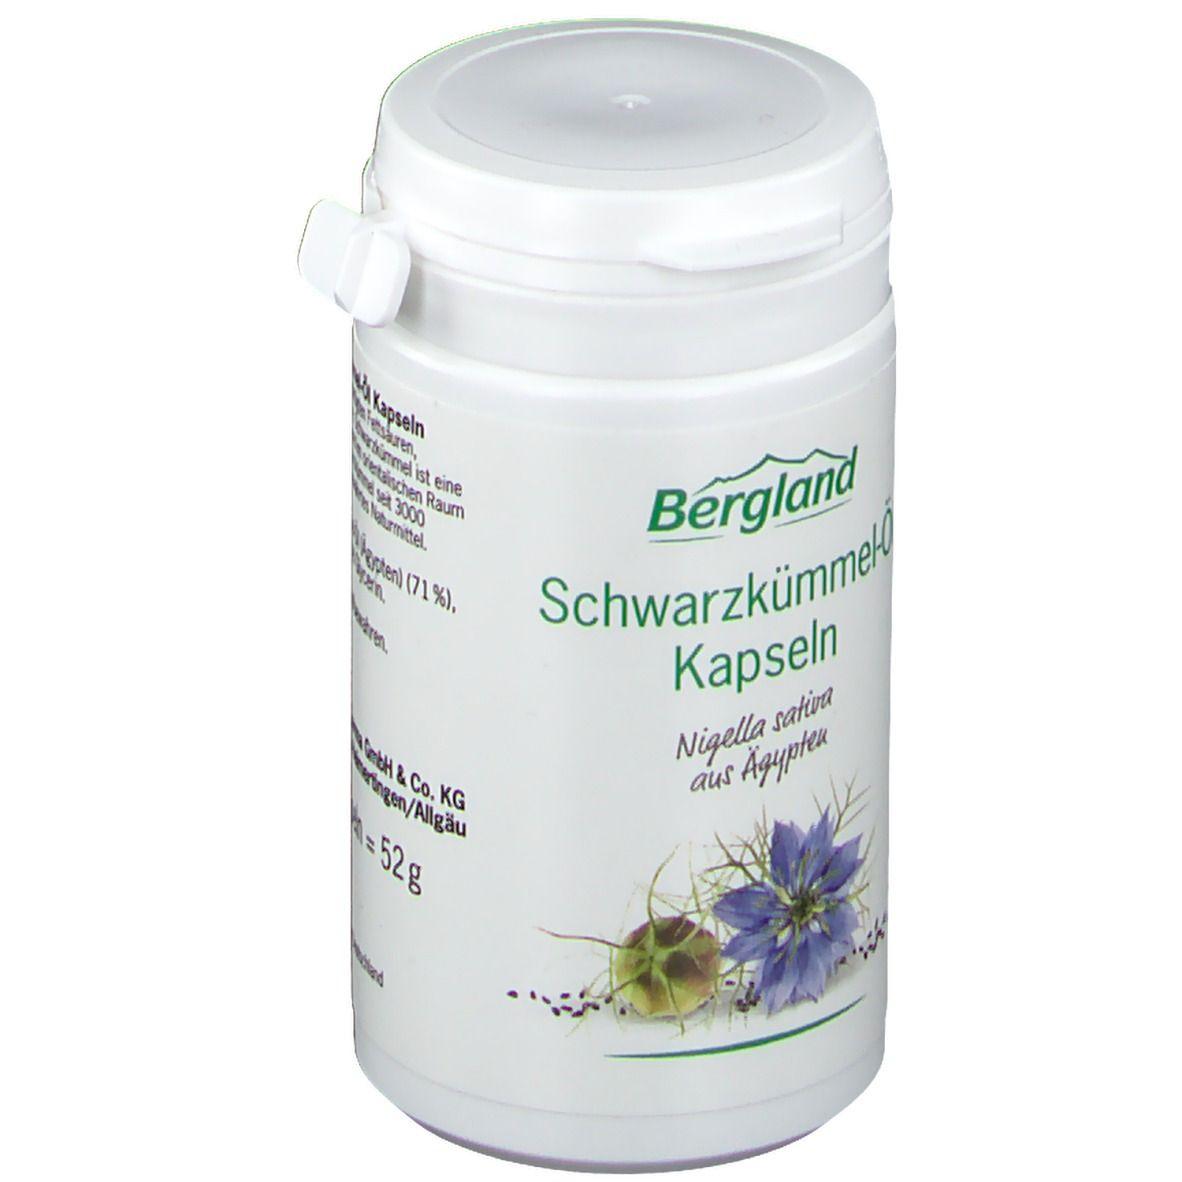 Bergland Schwarzkümmel-Öl Kapseln